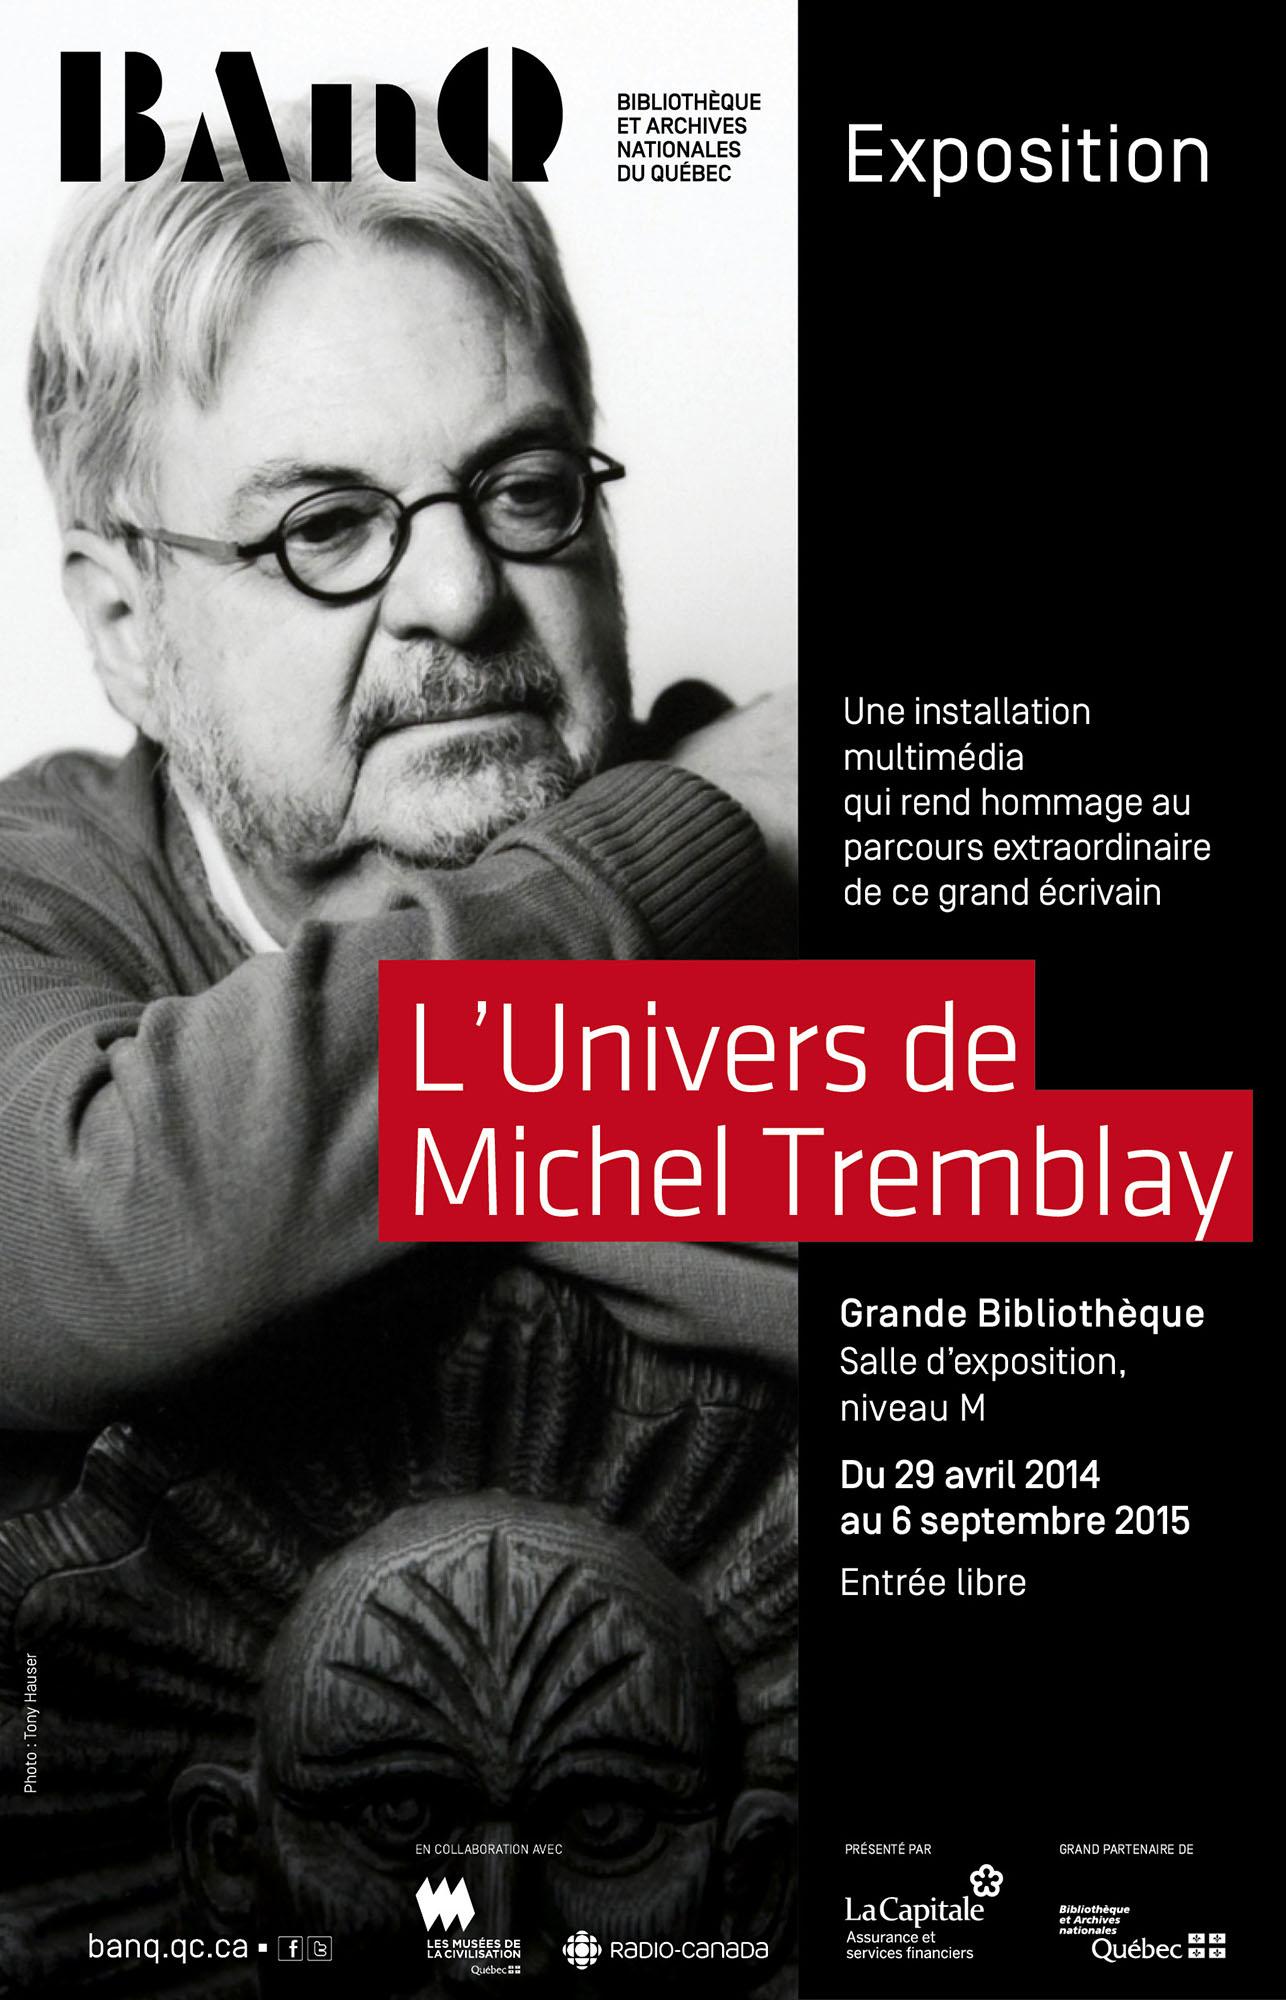 BAnQ - L'Univers de Michel Tremblay à la Grande Bibliothèque